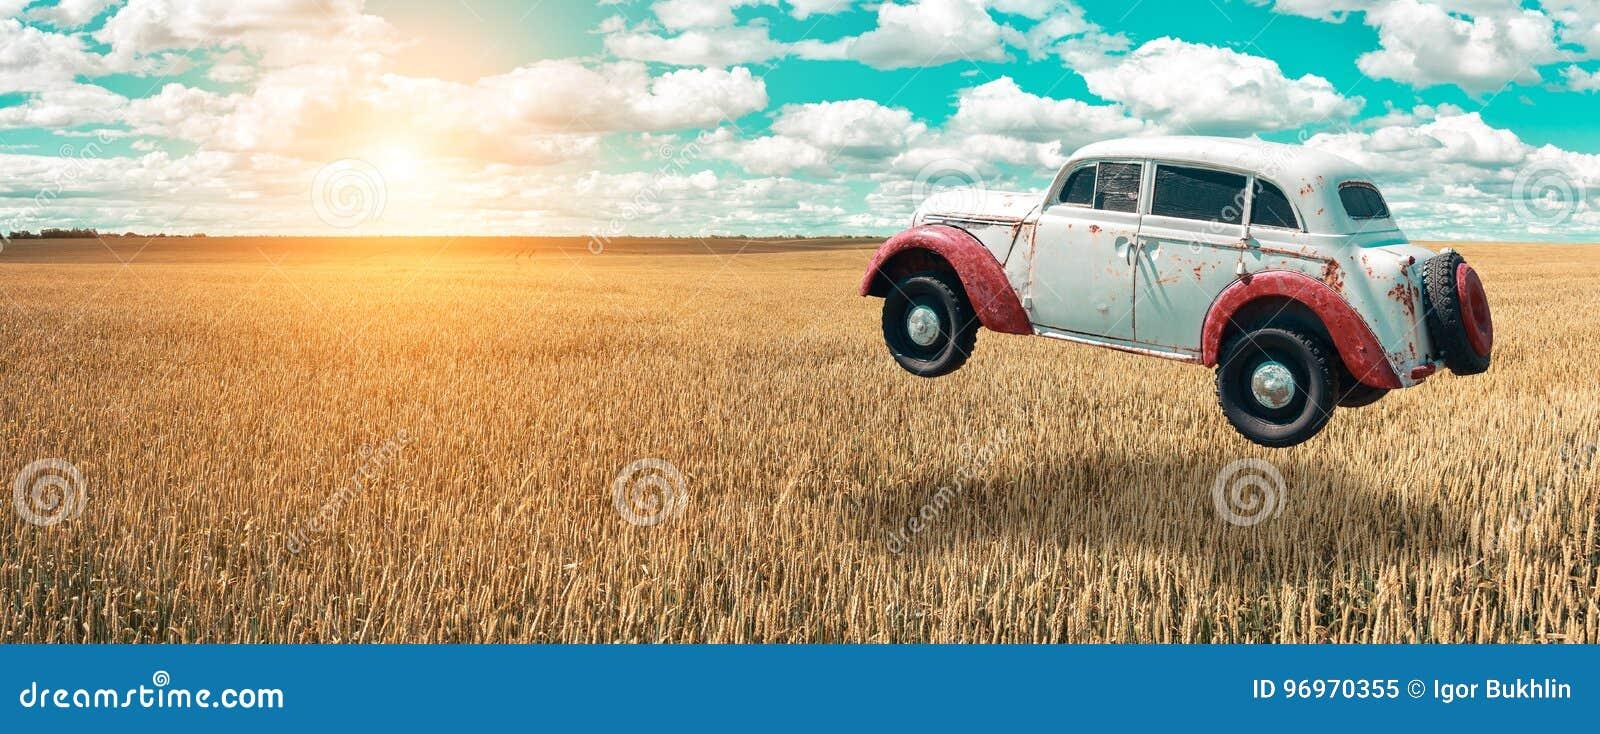 L automobile di volo sale nel cielo La retro automobile si libra nell aria sopra un giacimento di grano dorato sui precedenti di